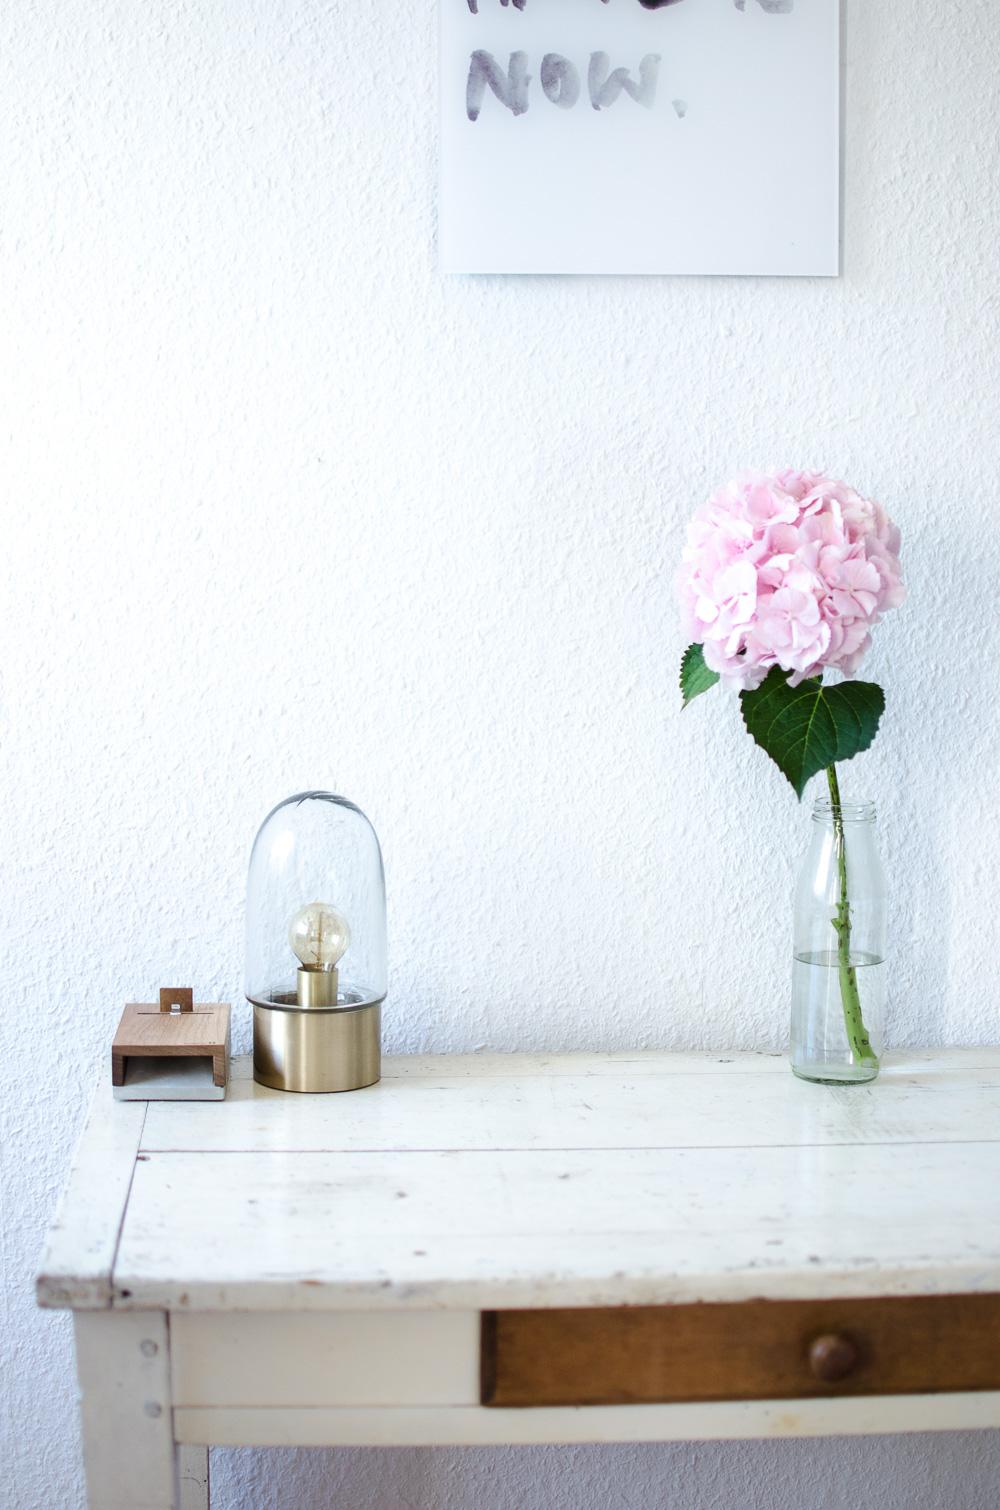 Vintage Stil: Mein Wohnzimmer entsteht - andysparkles.de